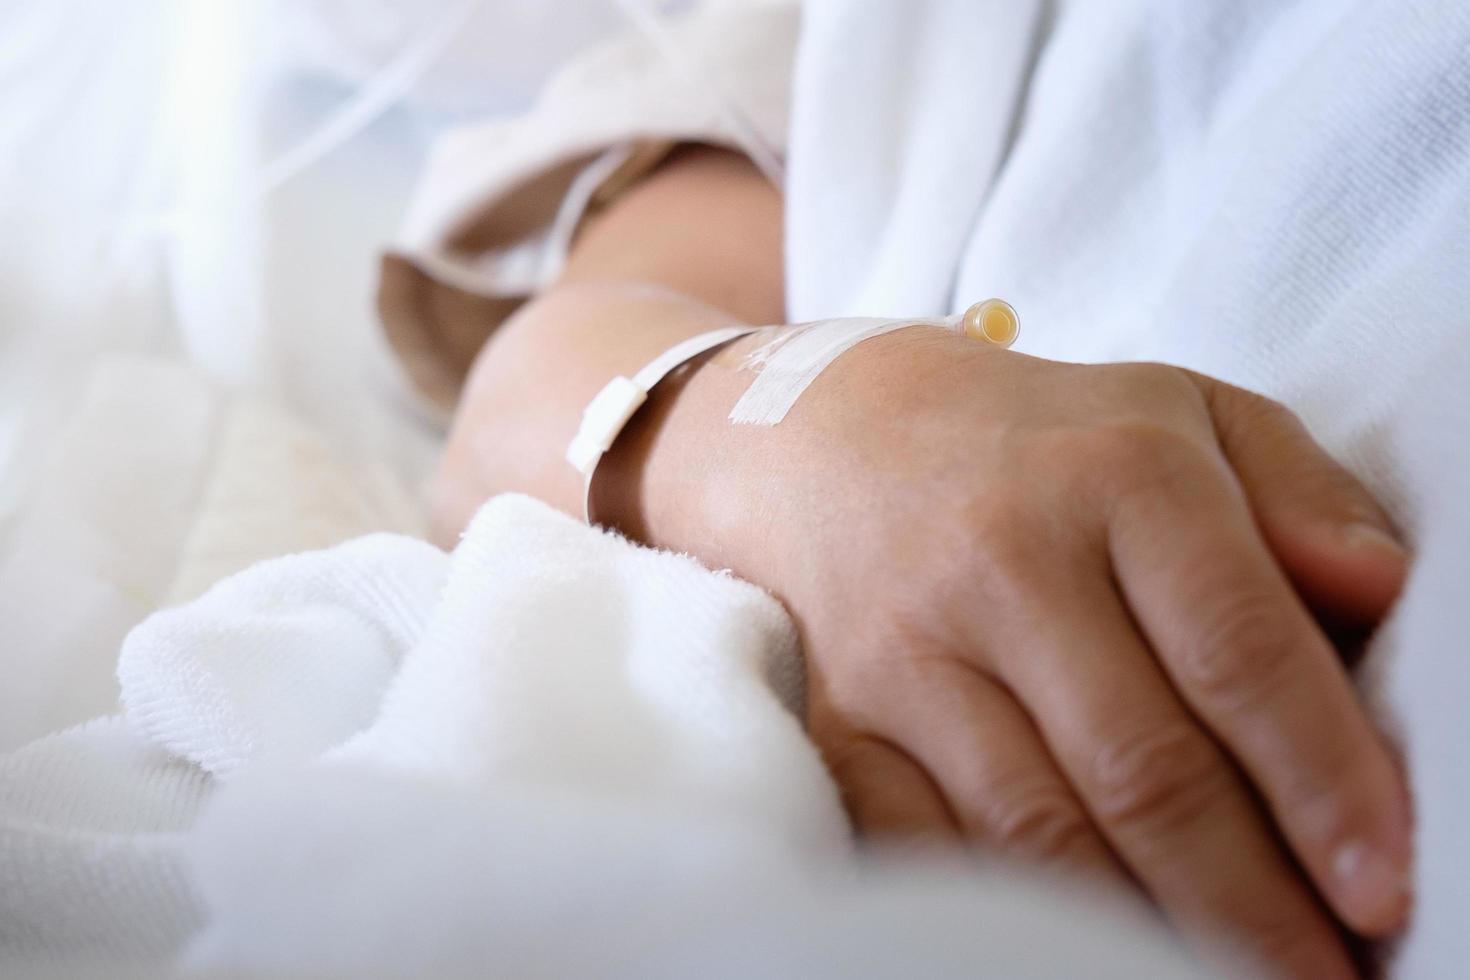 närbild av intravenöst rör på patientens hand foto